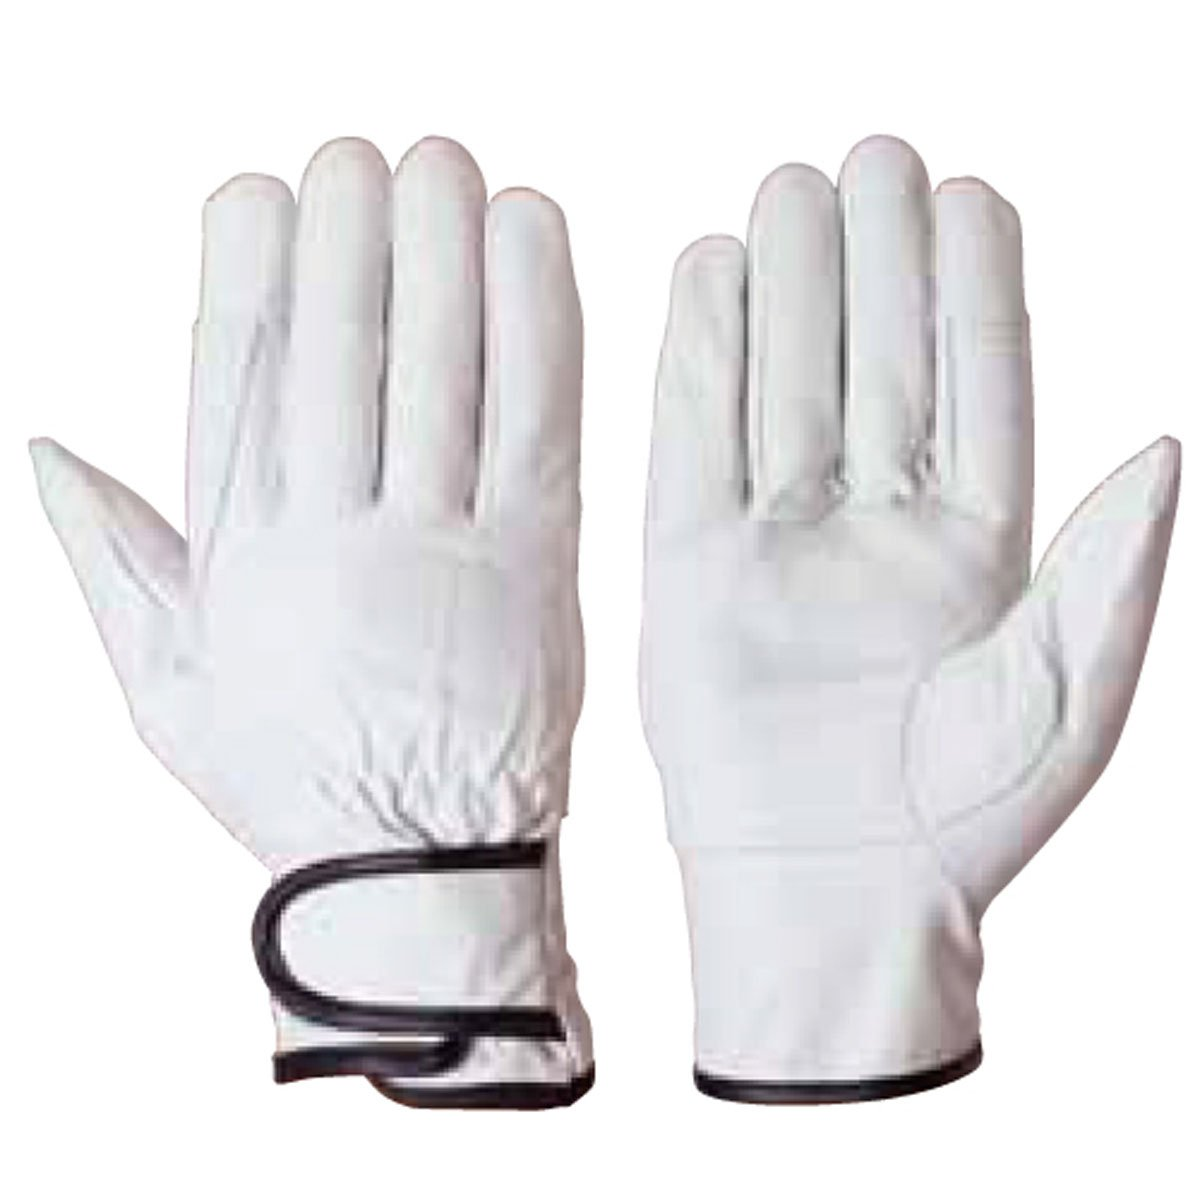 [アイゼックス]AIZEX 牛本革手袋【革手袋】(補強当て革付マジック止め式10双入り)《002-AZG-202LL》 B00IW5O4LG